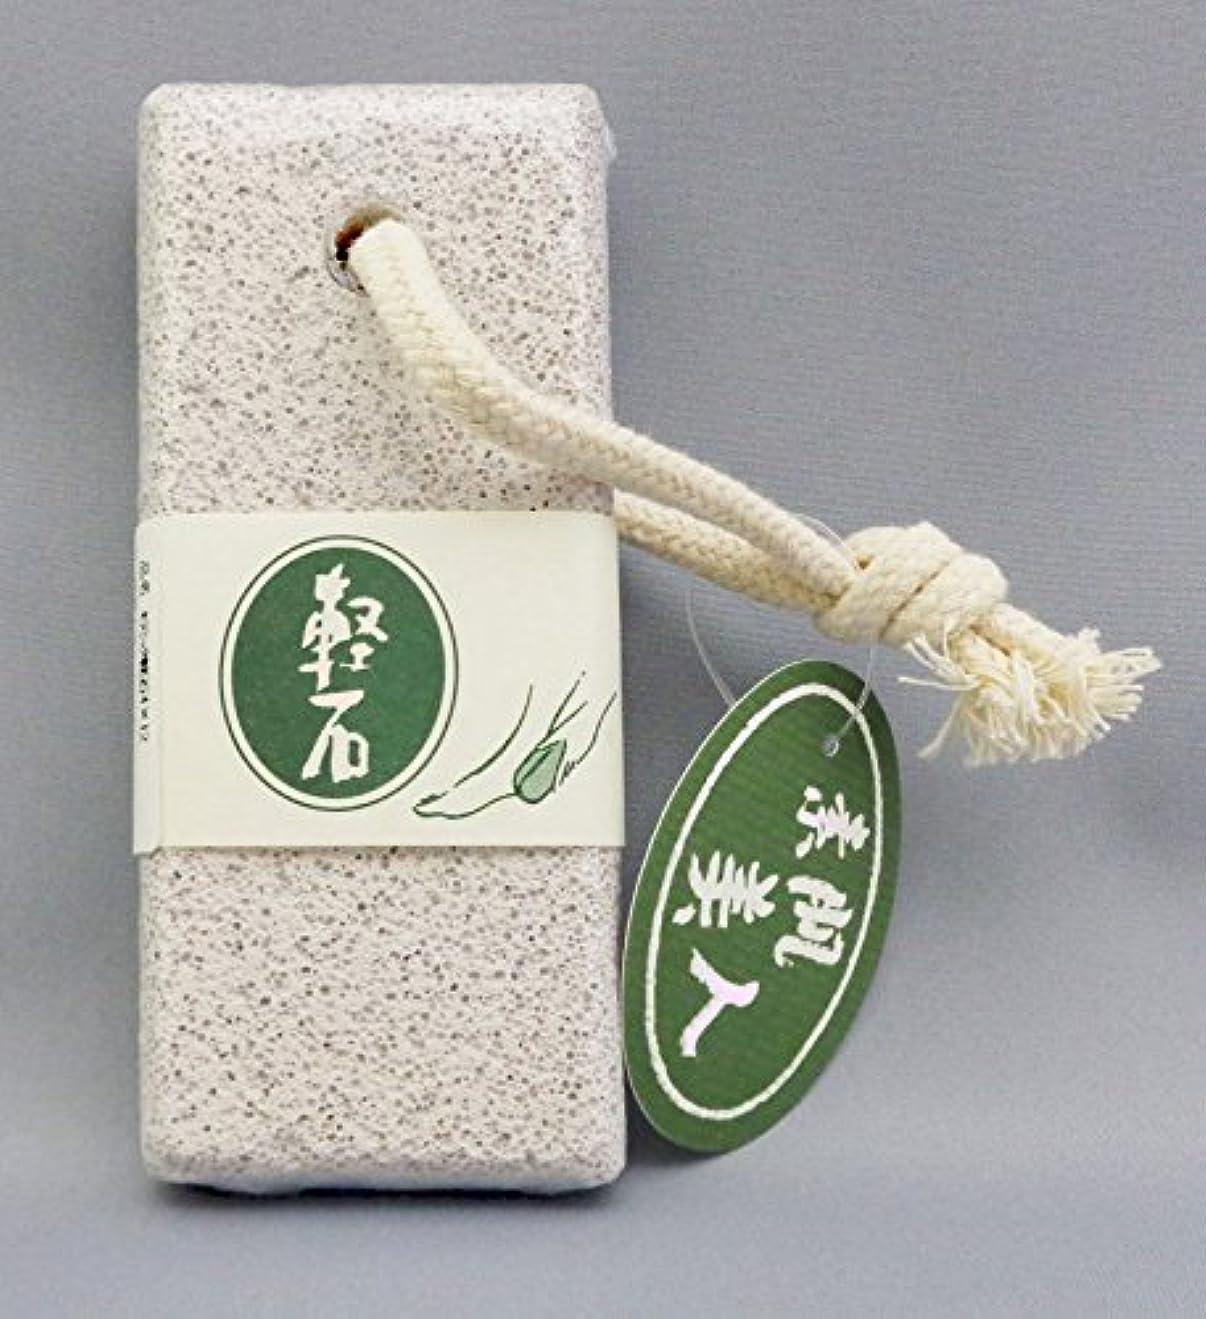 忌避剤集中的な見通しシオザキ No.19 セラミック軽石 4x12 天然丸軽石 ヒモ付